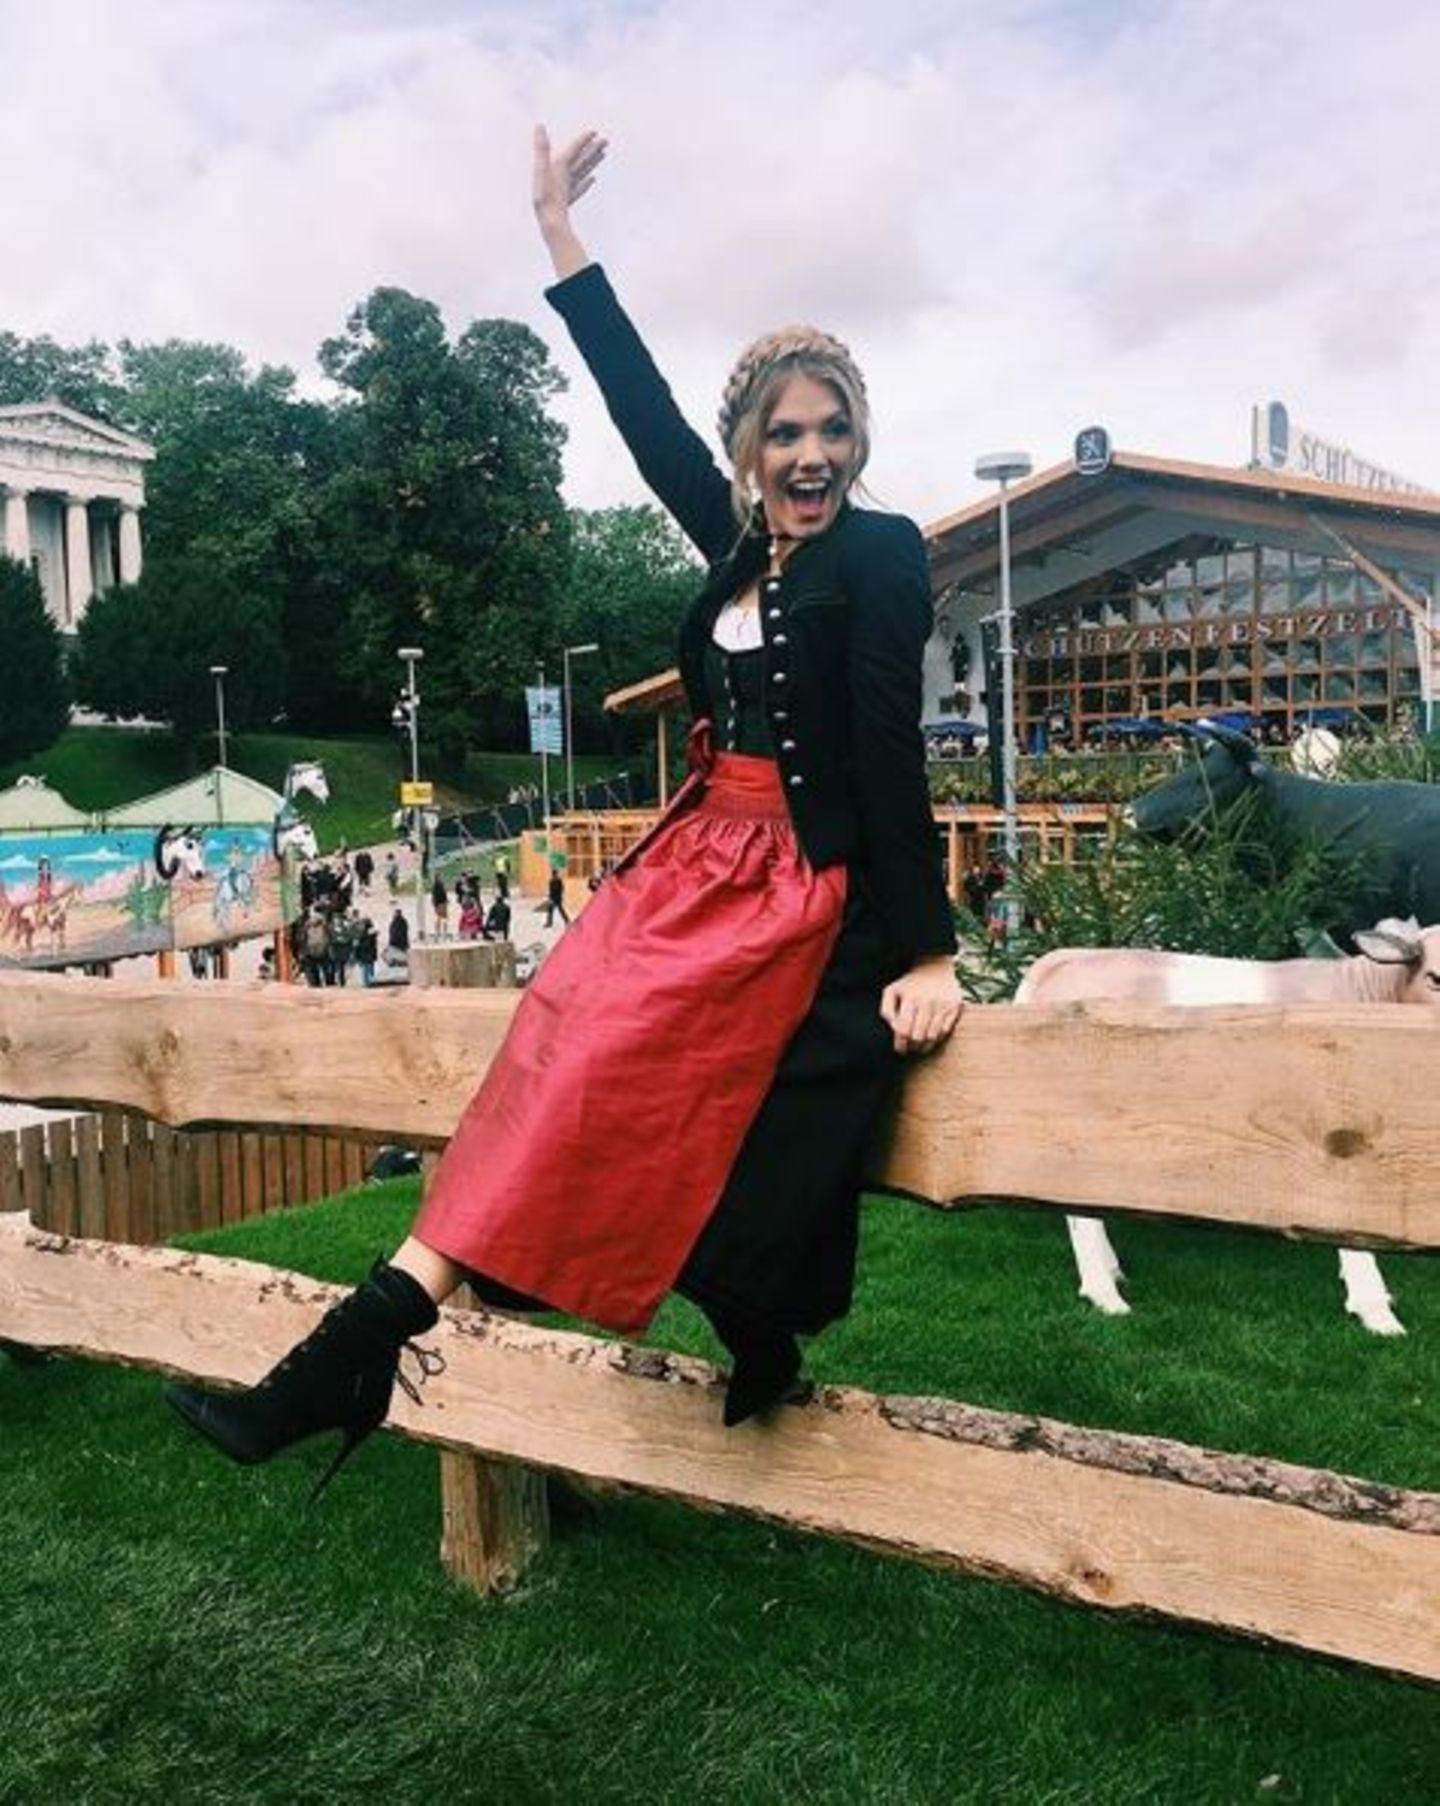 Am zweiten Tag der Wiesn ist Moderatorin Viviane Geppert noch immer bestens gelaunt. Fröhlich winkt sie die Leute heran. Oans, zwoa, los geht's!